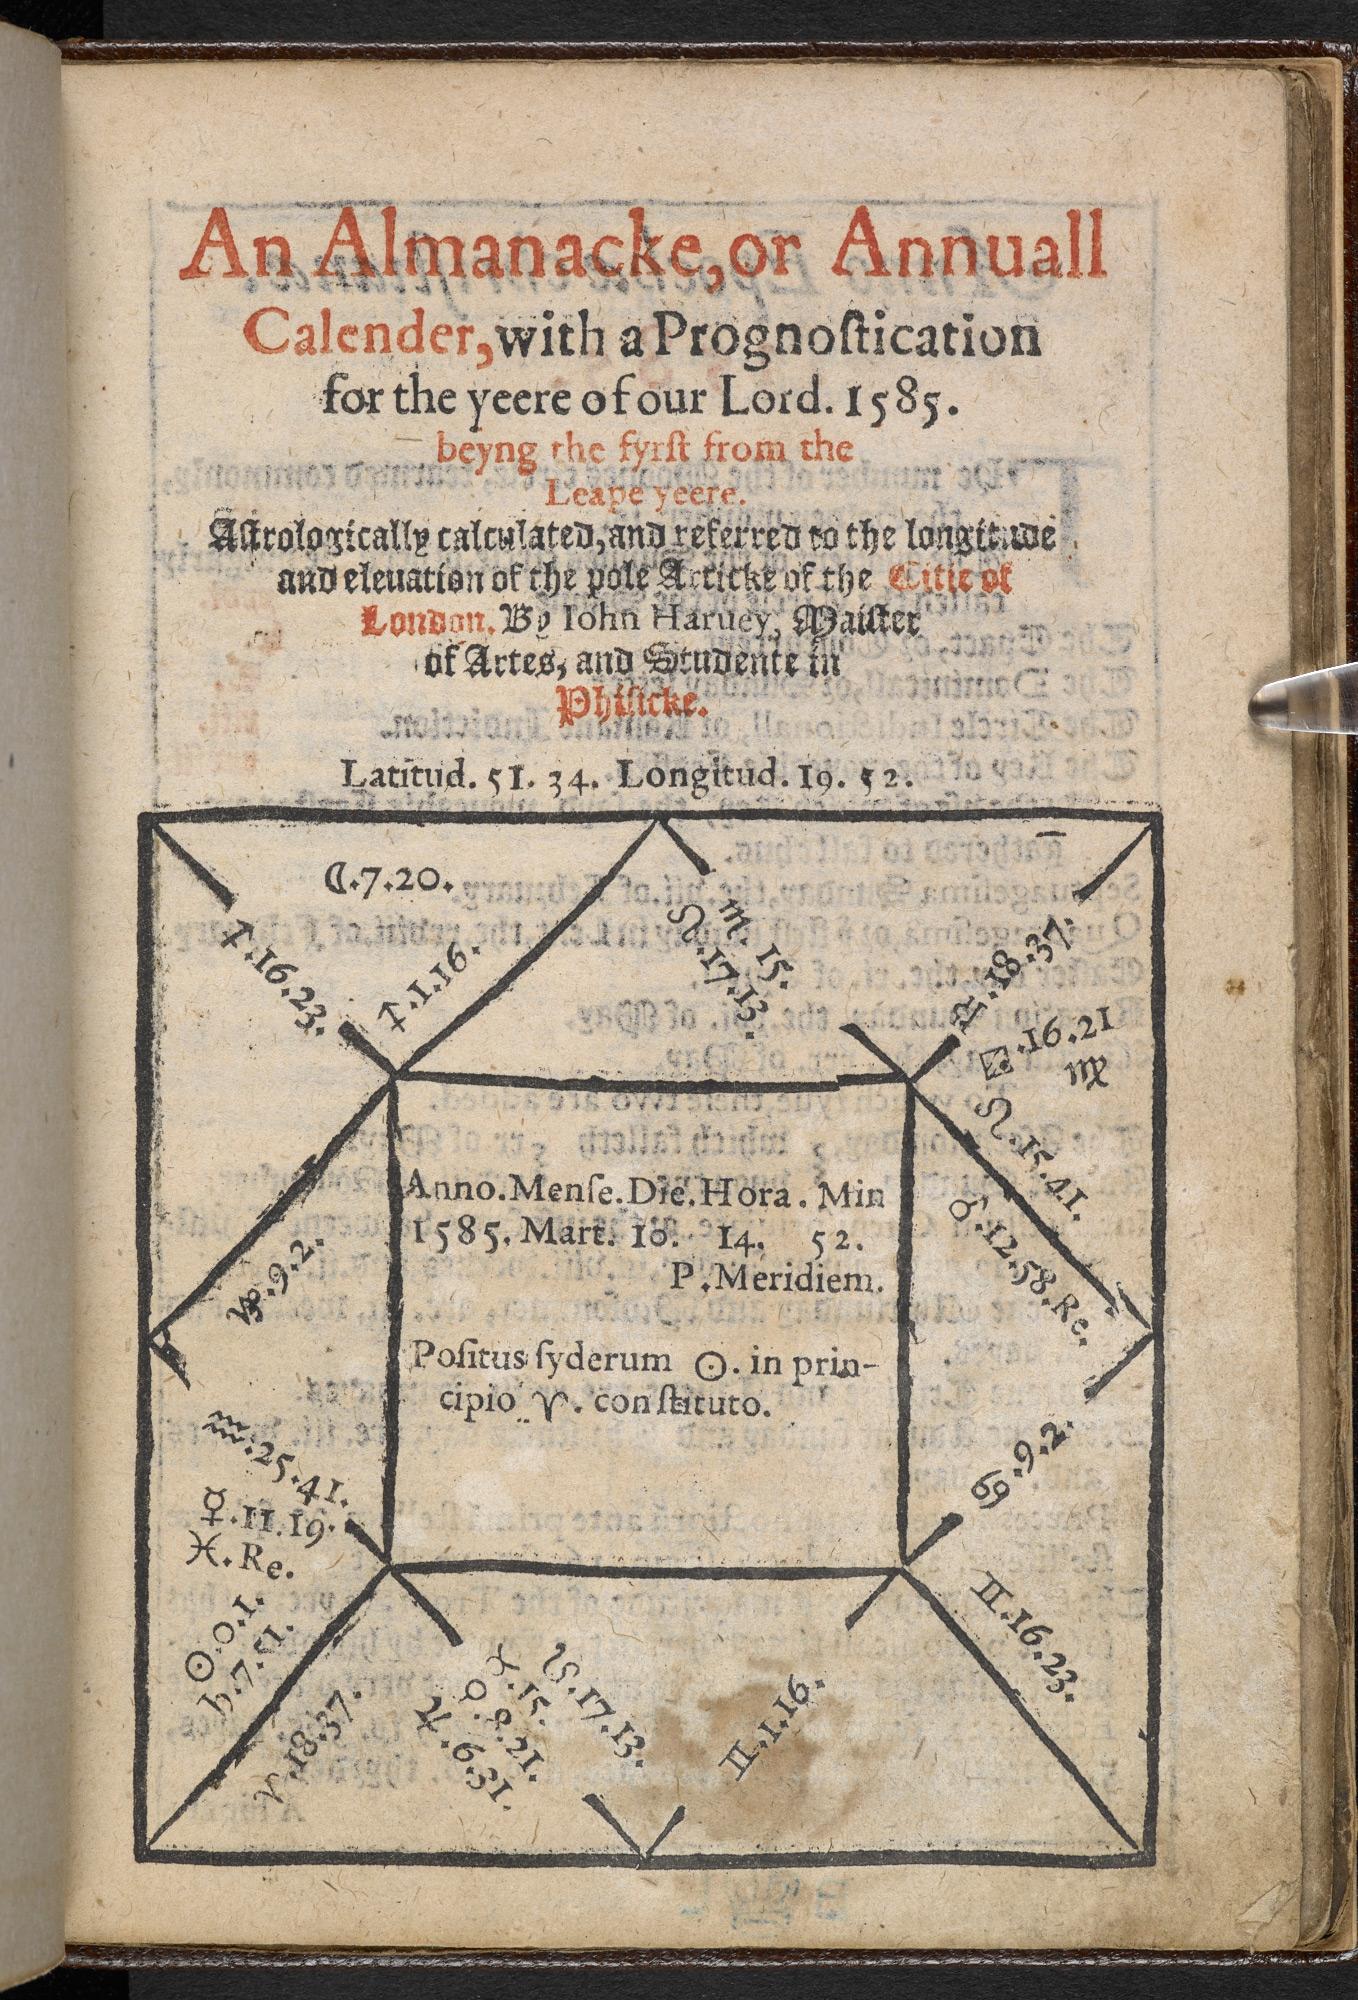 Almanac for 1585